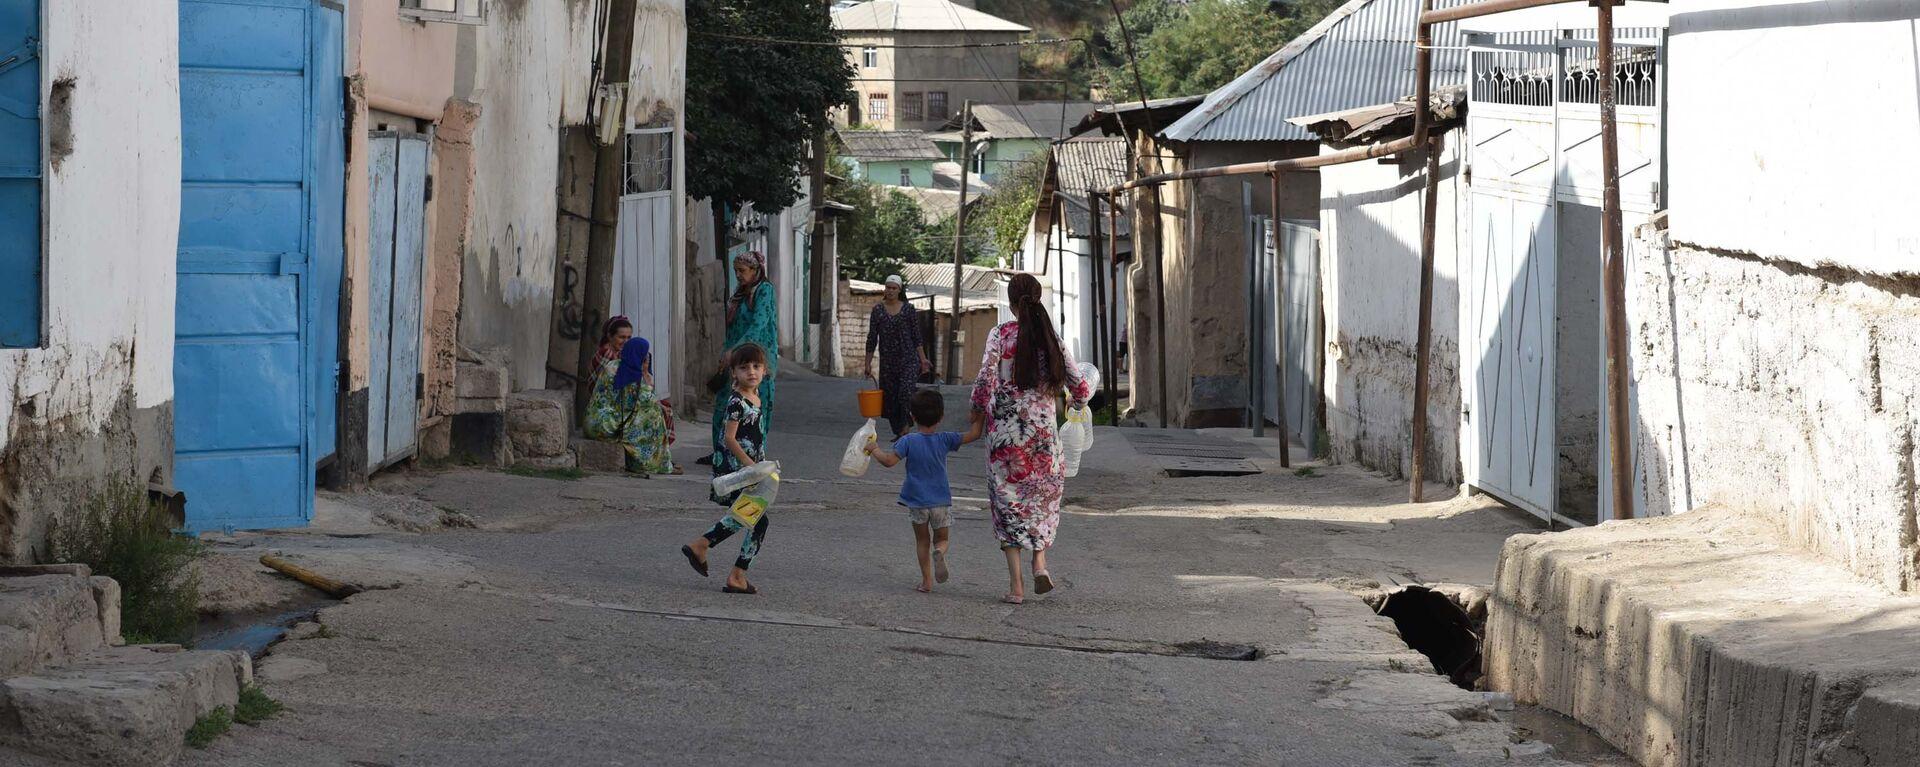 Как душанбинцам живется без водопровода - Sputnik Таджикистан, 1920, 23.07.2021